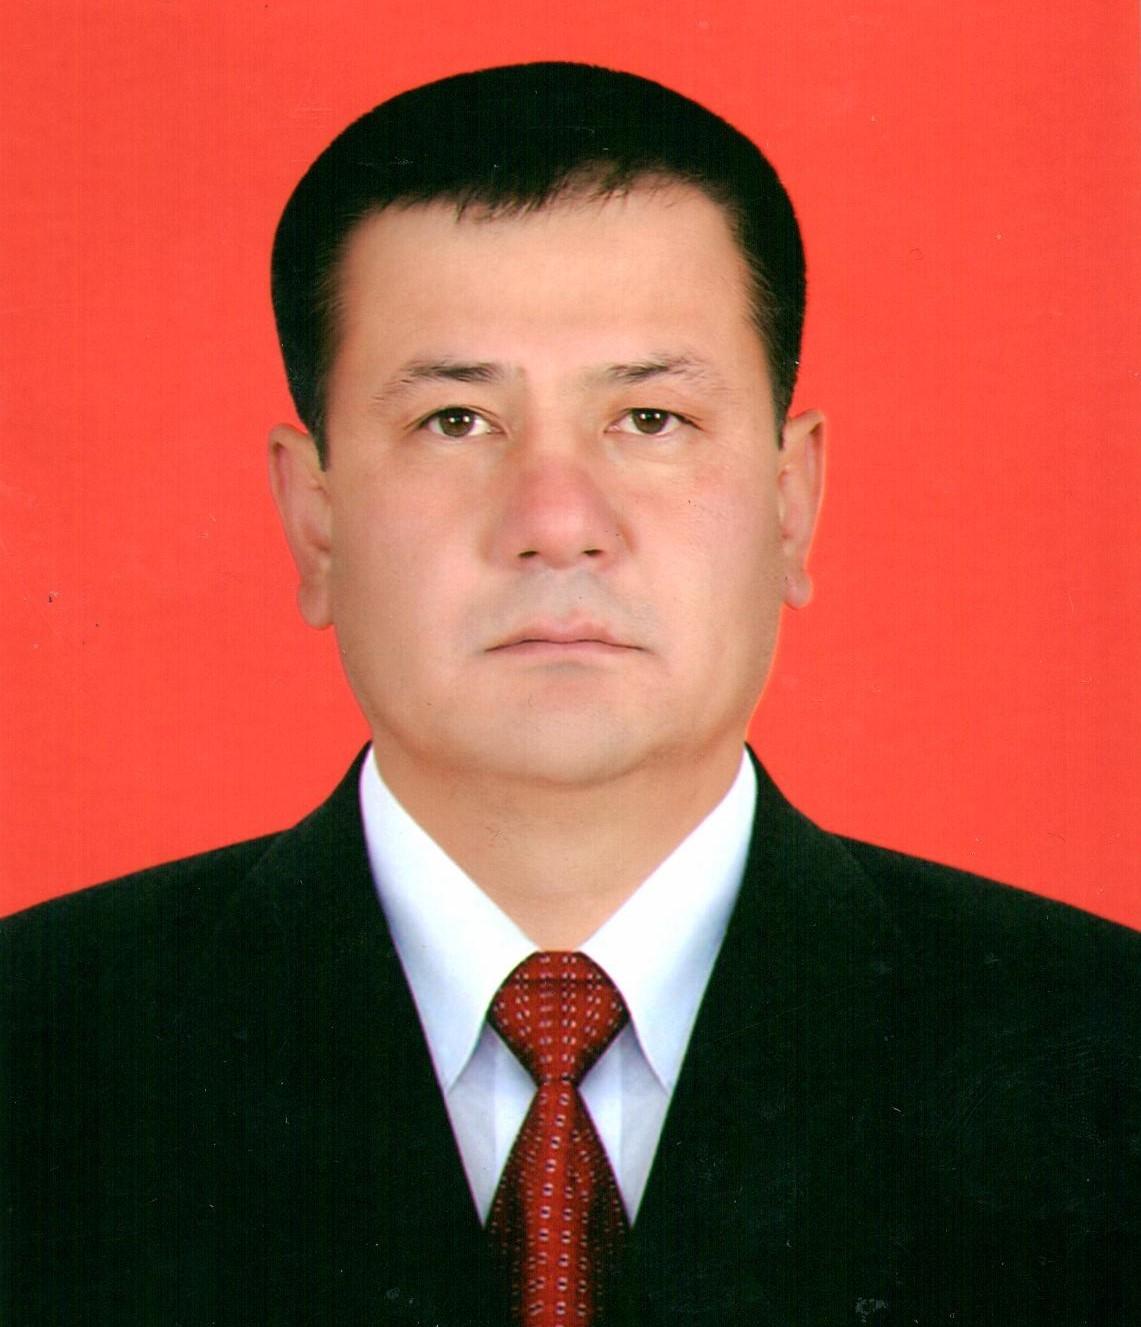 чаткал районунун акими Канжарбек Эшалиев20151020_114716 (2)